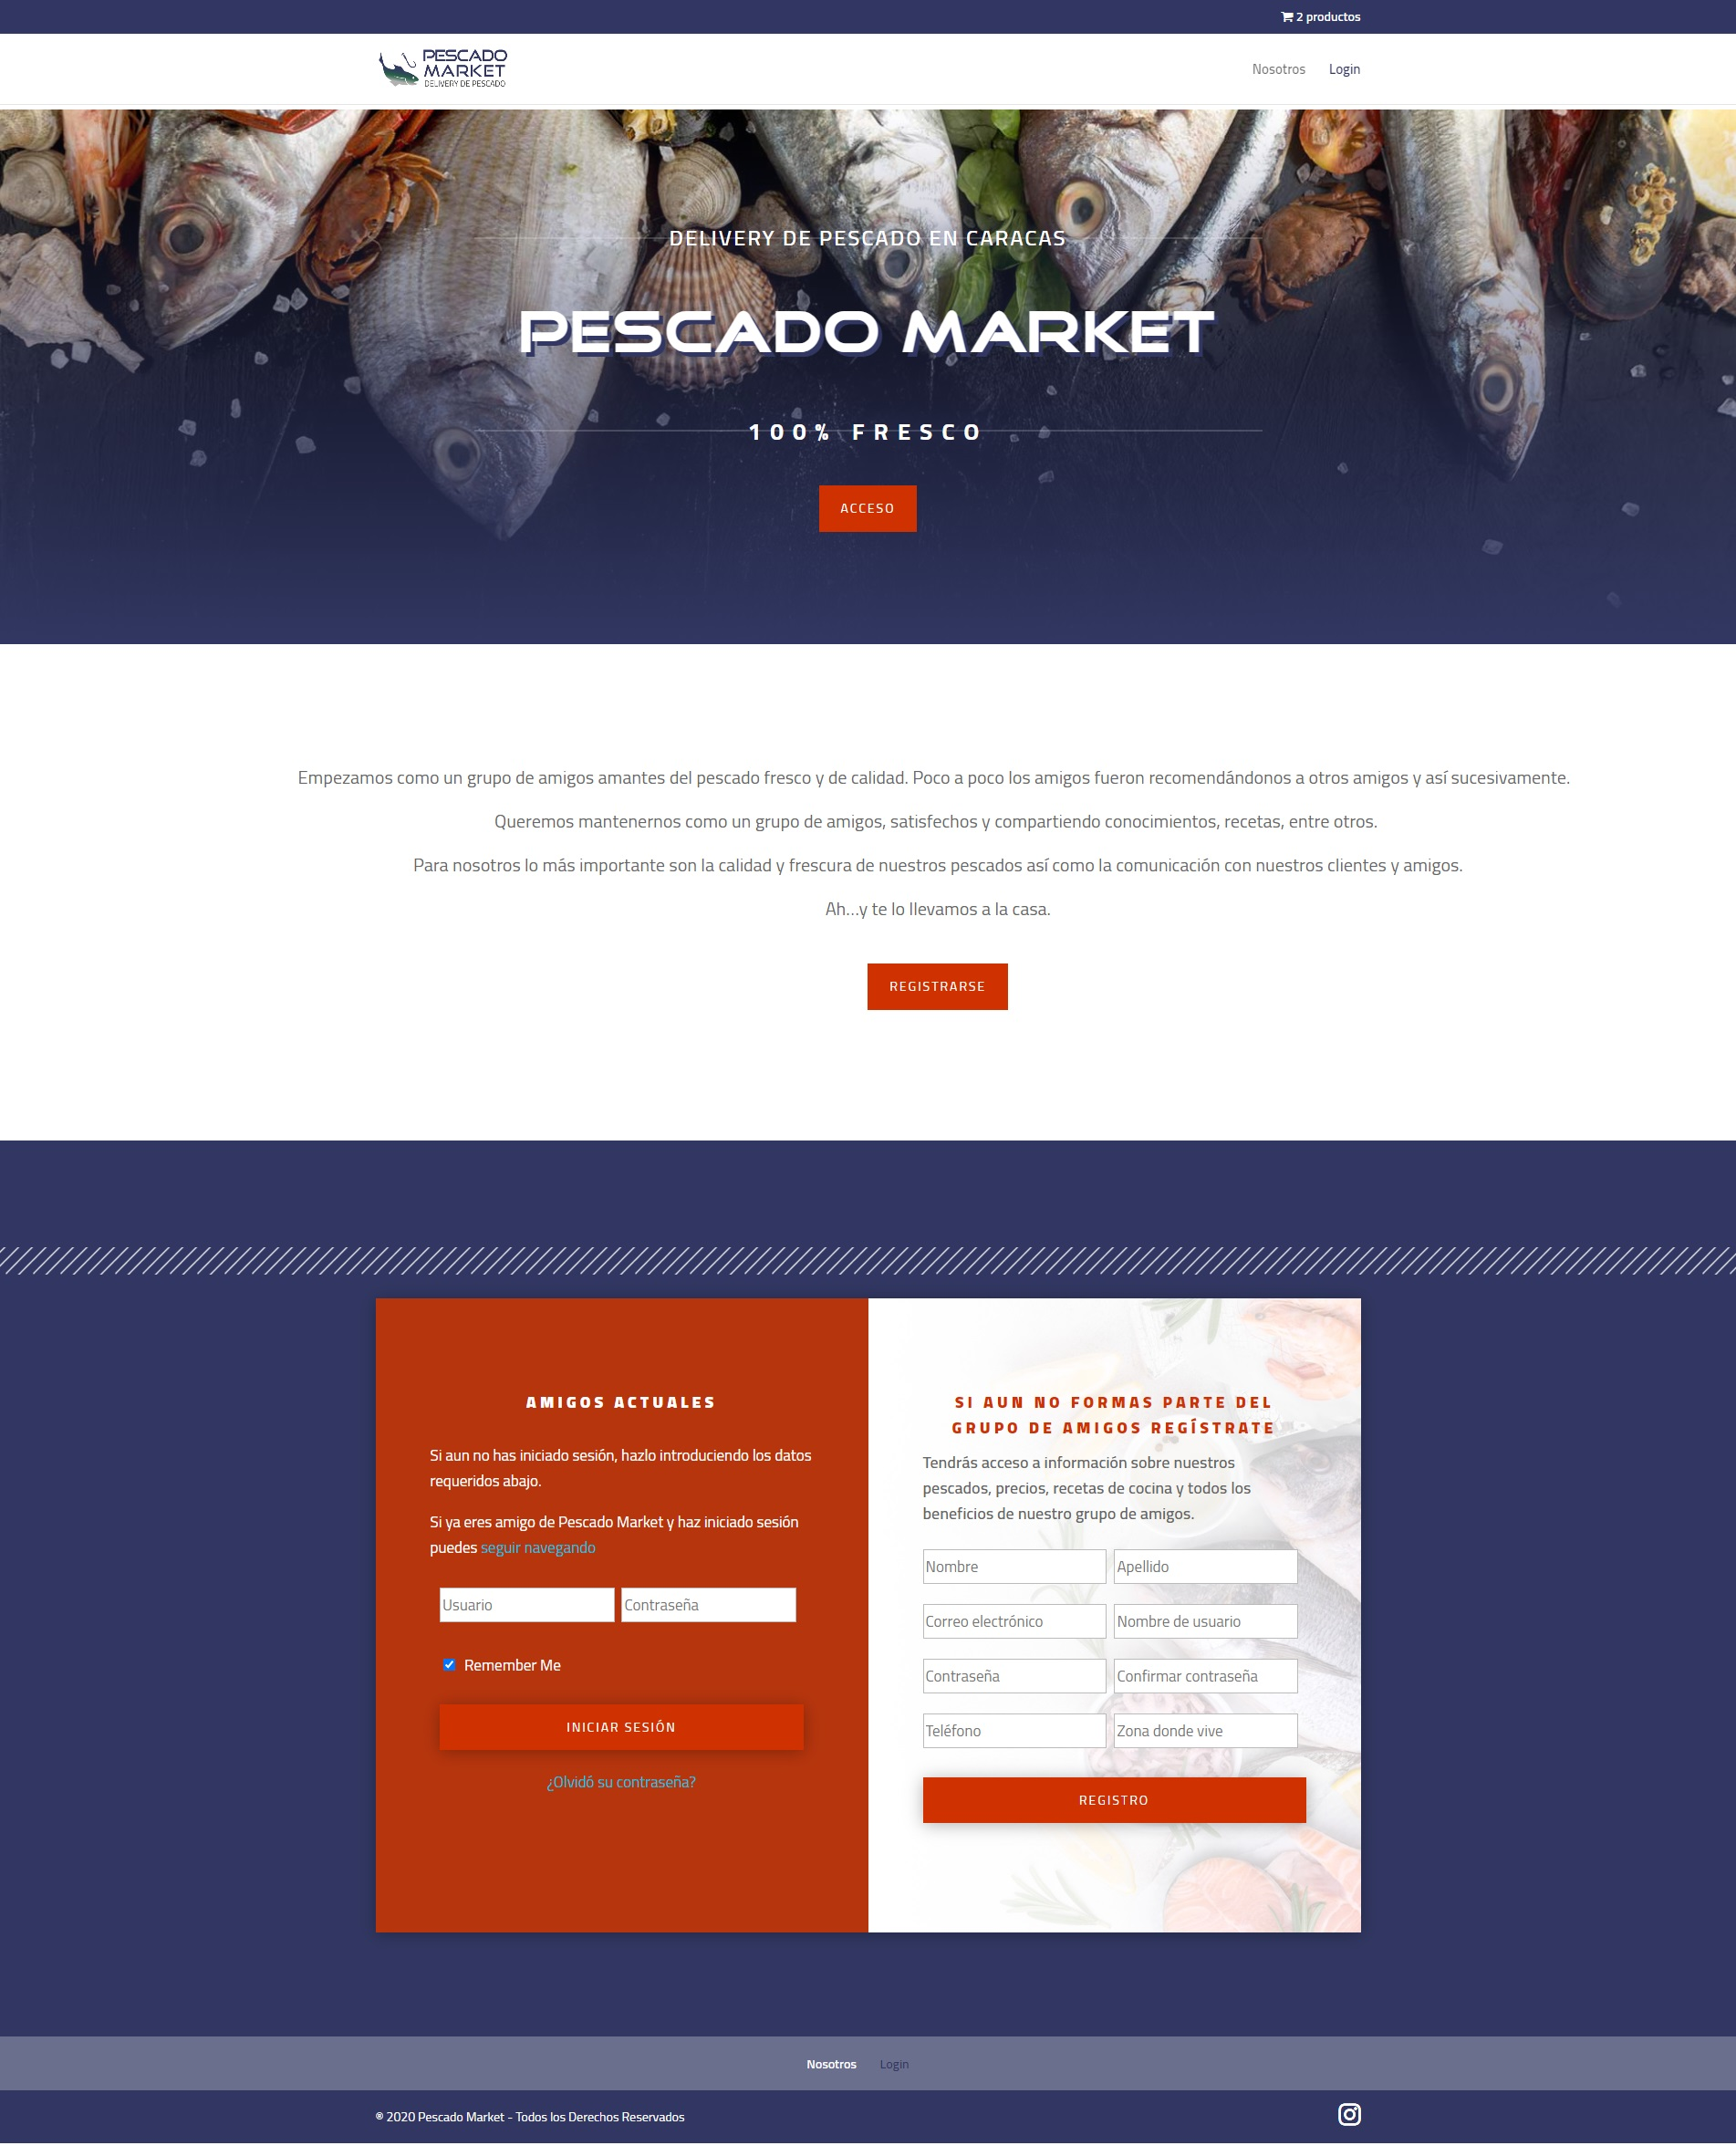 www.pescadomarket.com